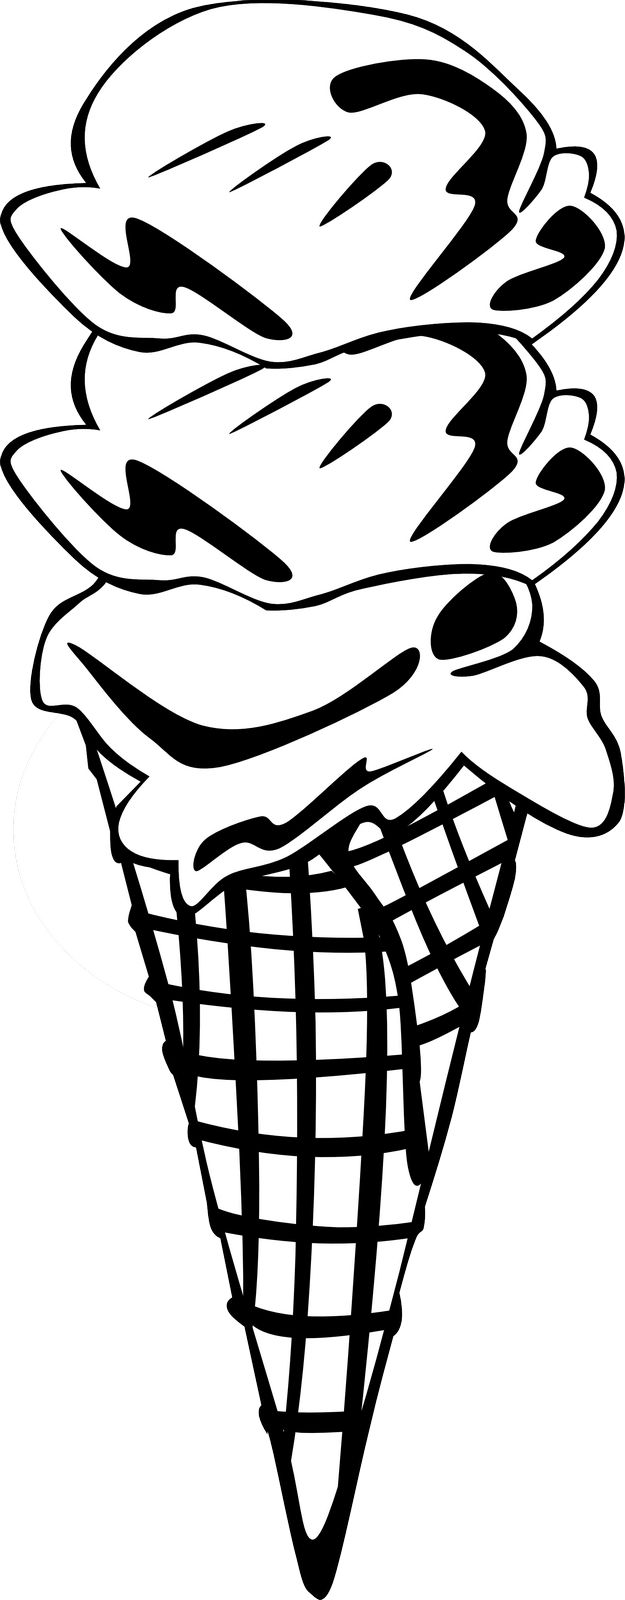 Zmrzlina - Právě zde vidíte náhled omalovánky k vytisknutí, jež se jmenuje Zmrzlina. Naše <strong>omalovánky</strong> jsou určené pro vytisknutí na tiskárně. Proto jsou šetrné k očím vás i vašich dětí. Vytištěnou omalovánku můžete vybarvit tužkou, fixou, křídou nebo vodovými barvami dle své fantasie.